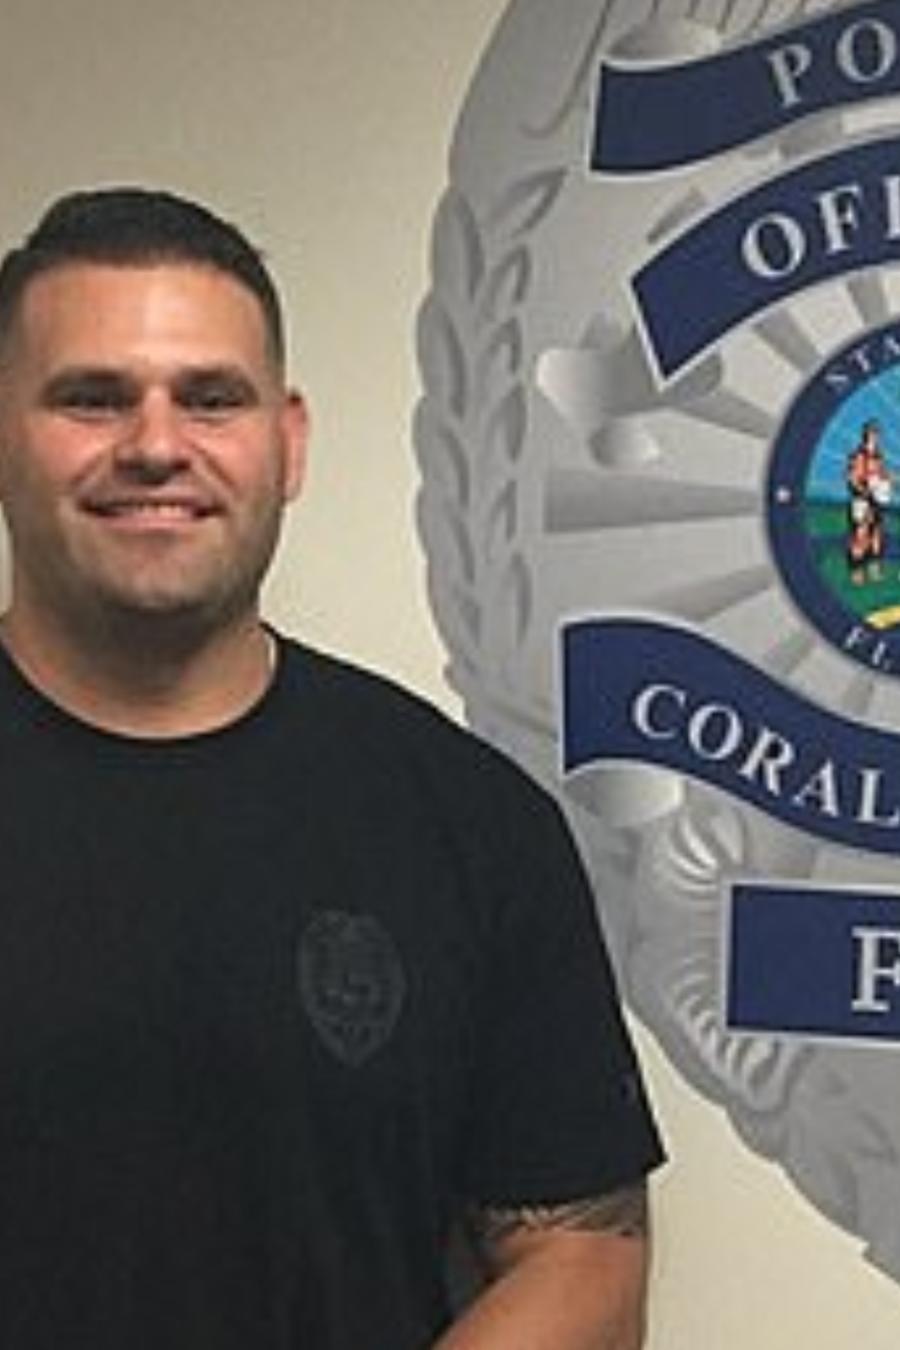 Policía Coral Springs TikTok